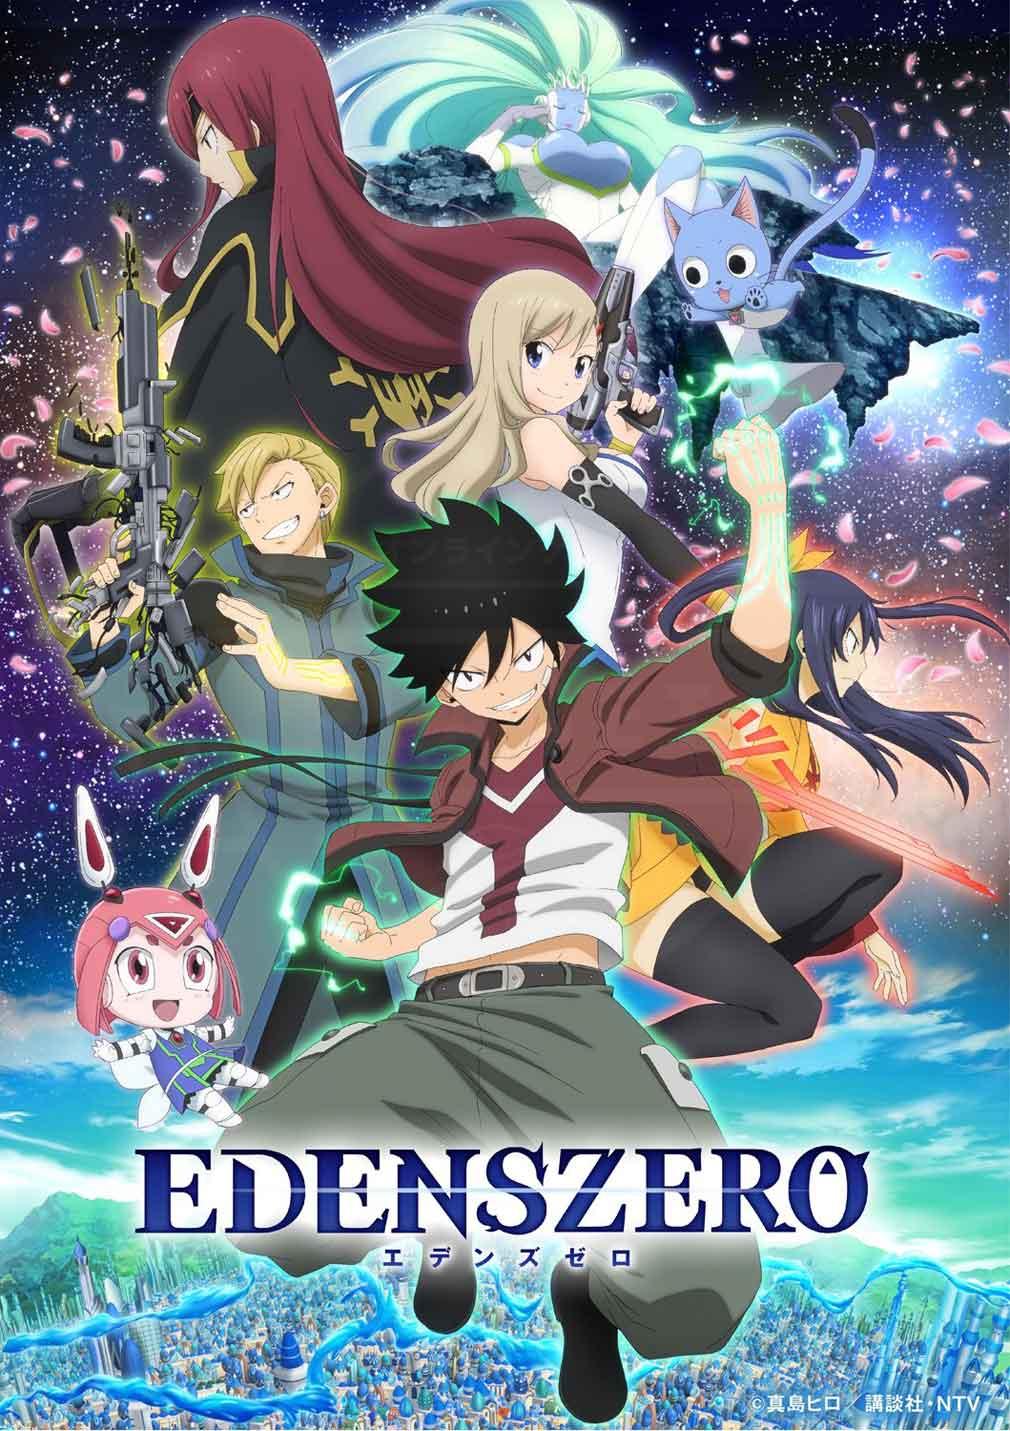 EDENS ZERO(エデンズゼロ) キービジュアル